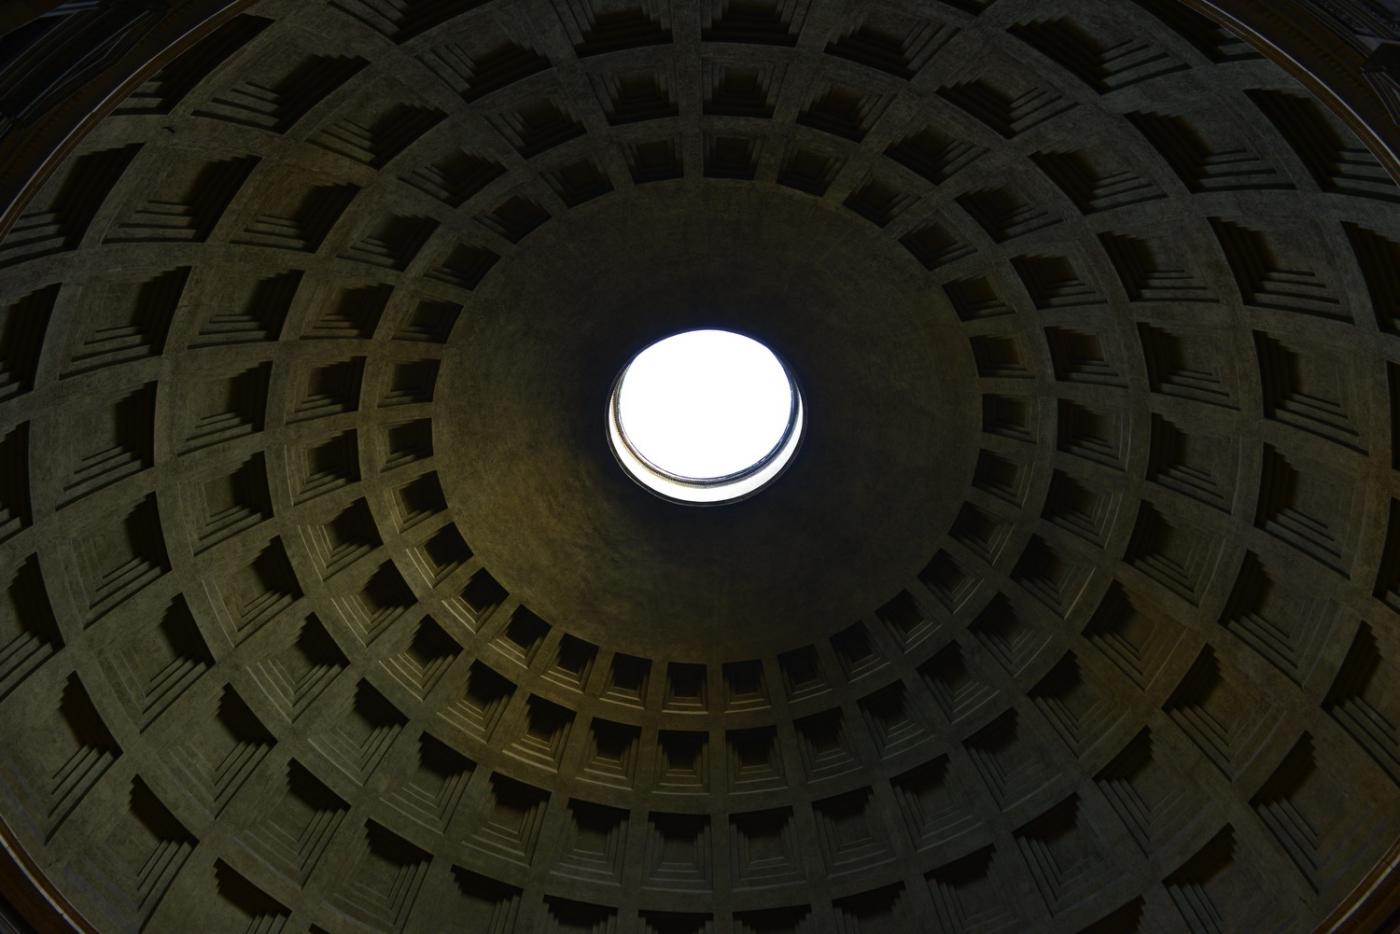 罗马假日_图1-34